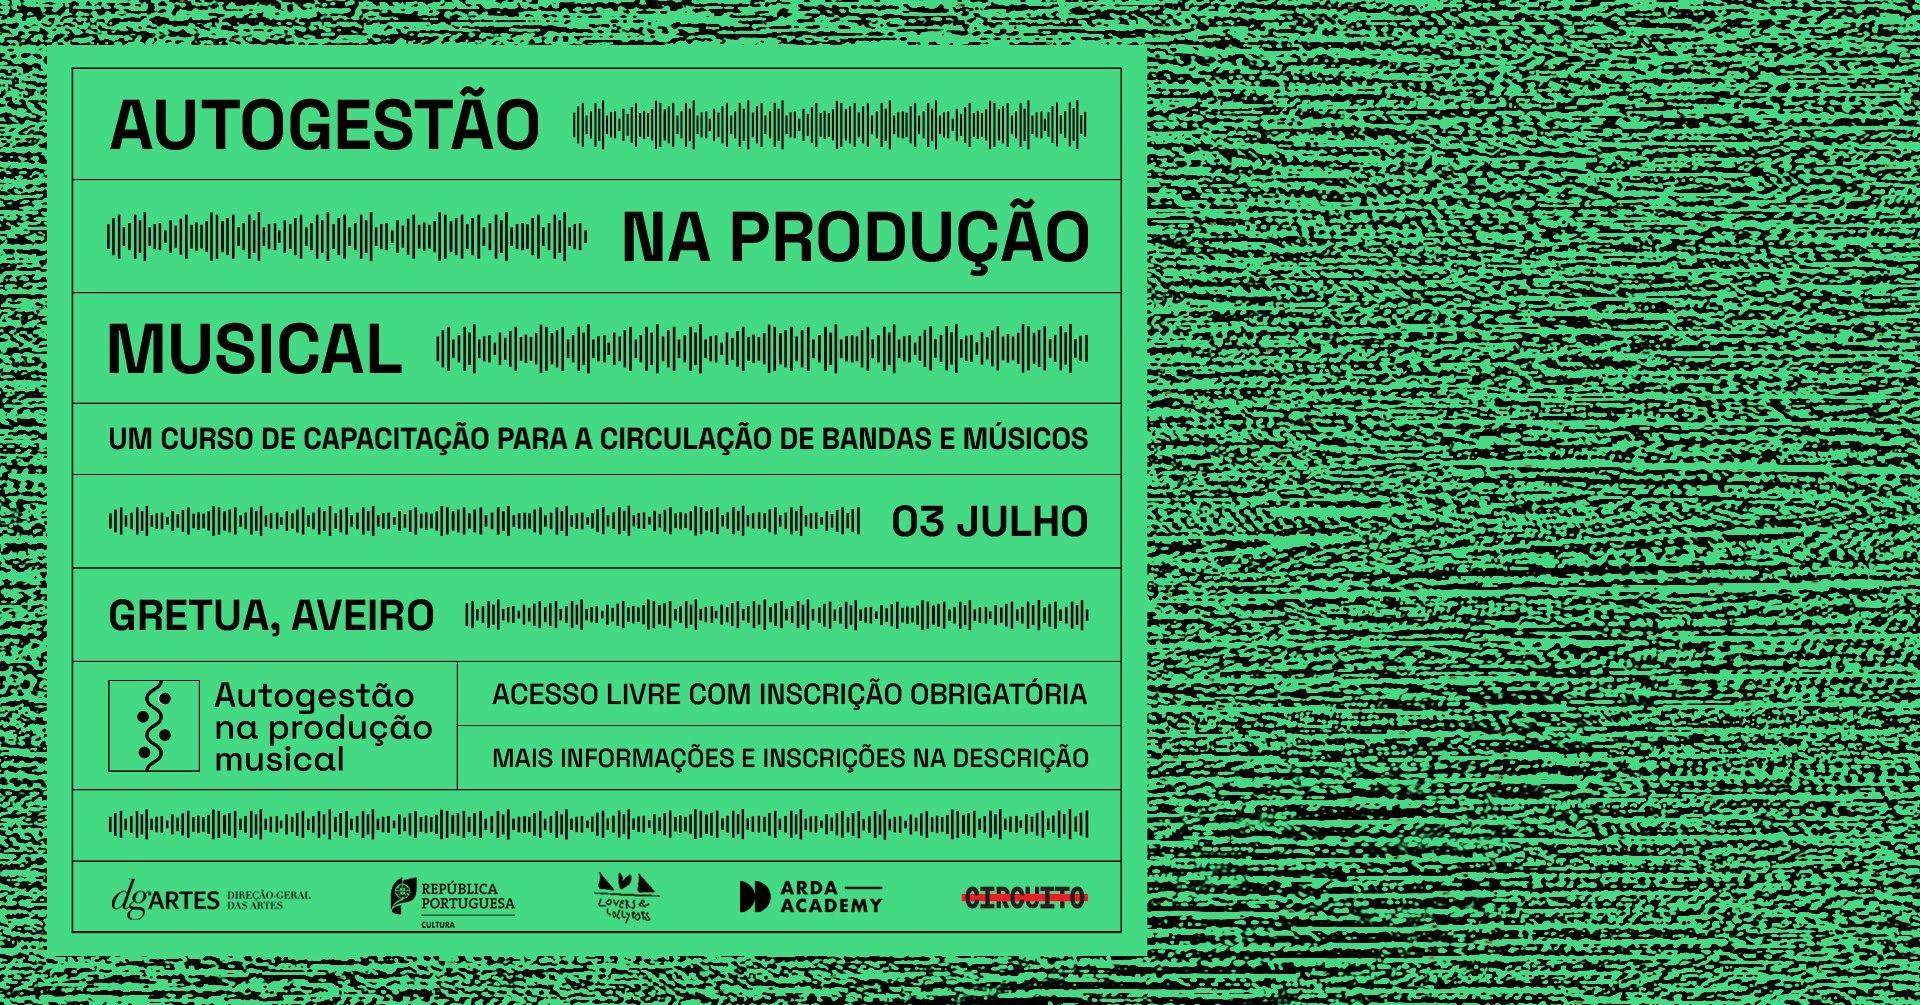 Autogestão na Produção Musical - Curso de capacitação para circulação de bandas e músicos (Aveiro)